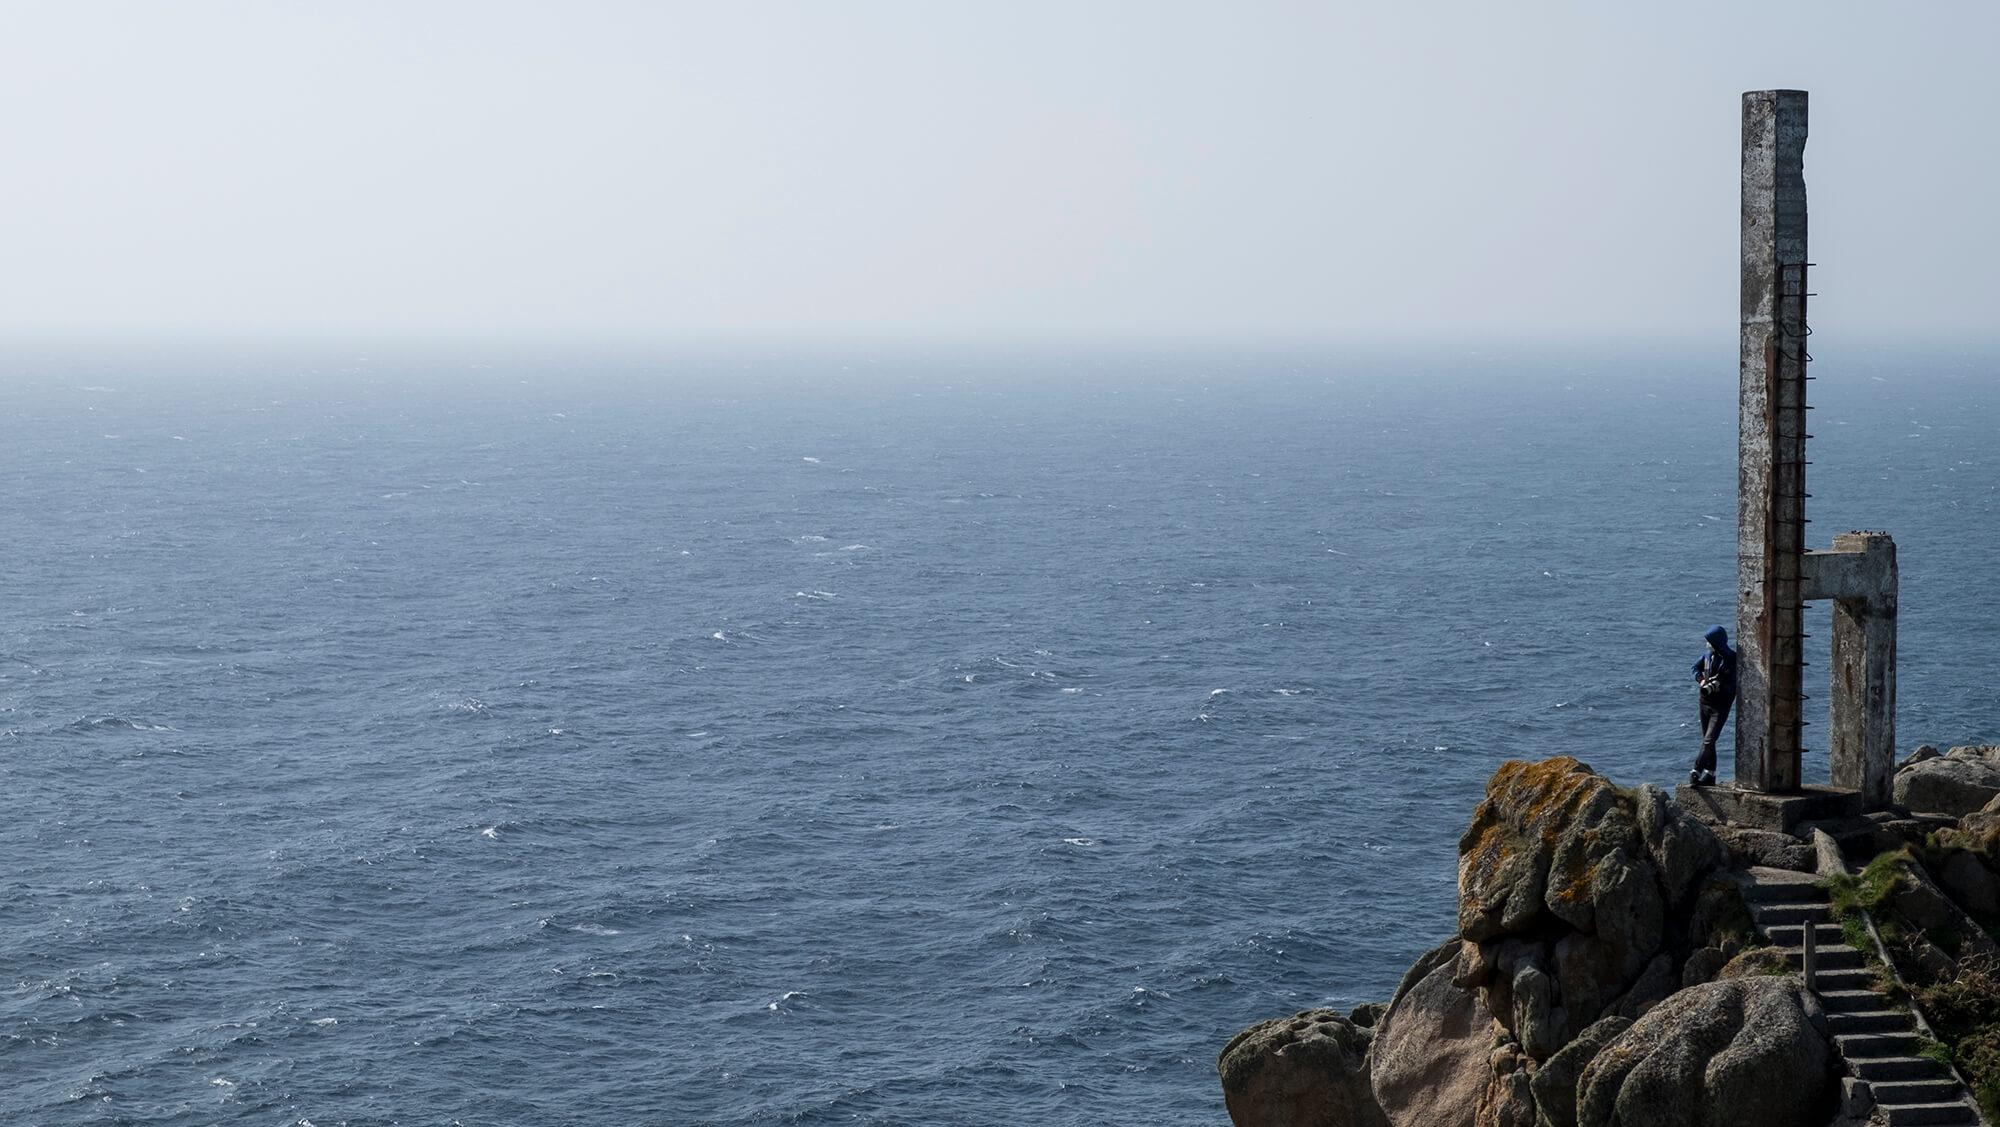 Cabo Prior entre acantilados en Ferrol - Galicia